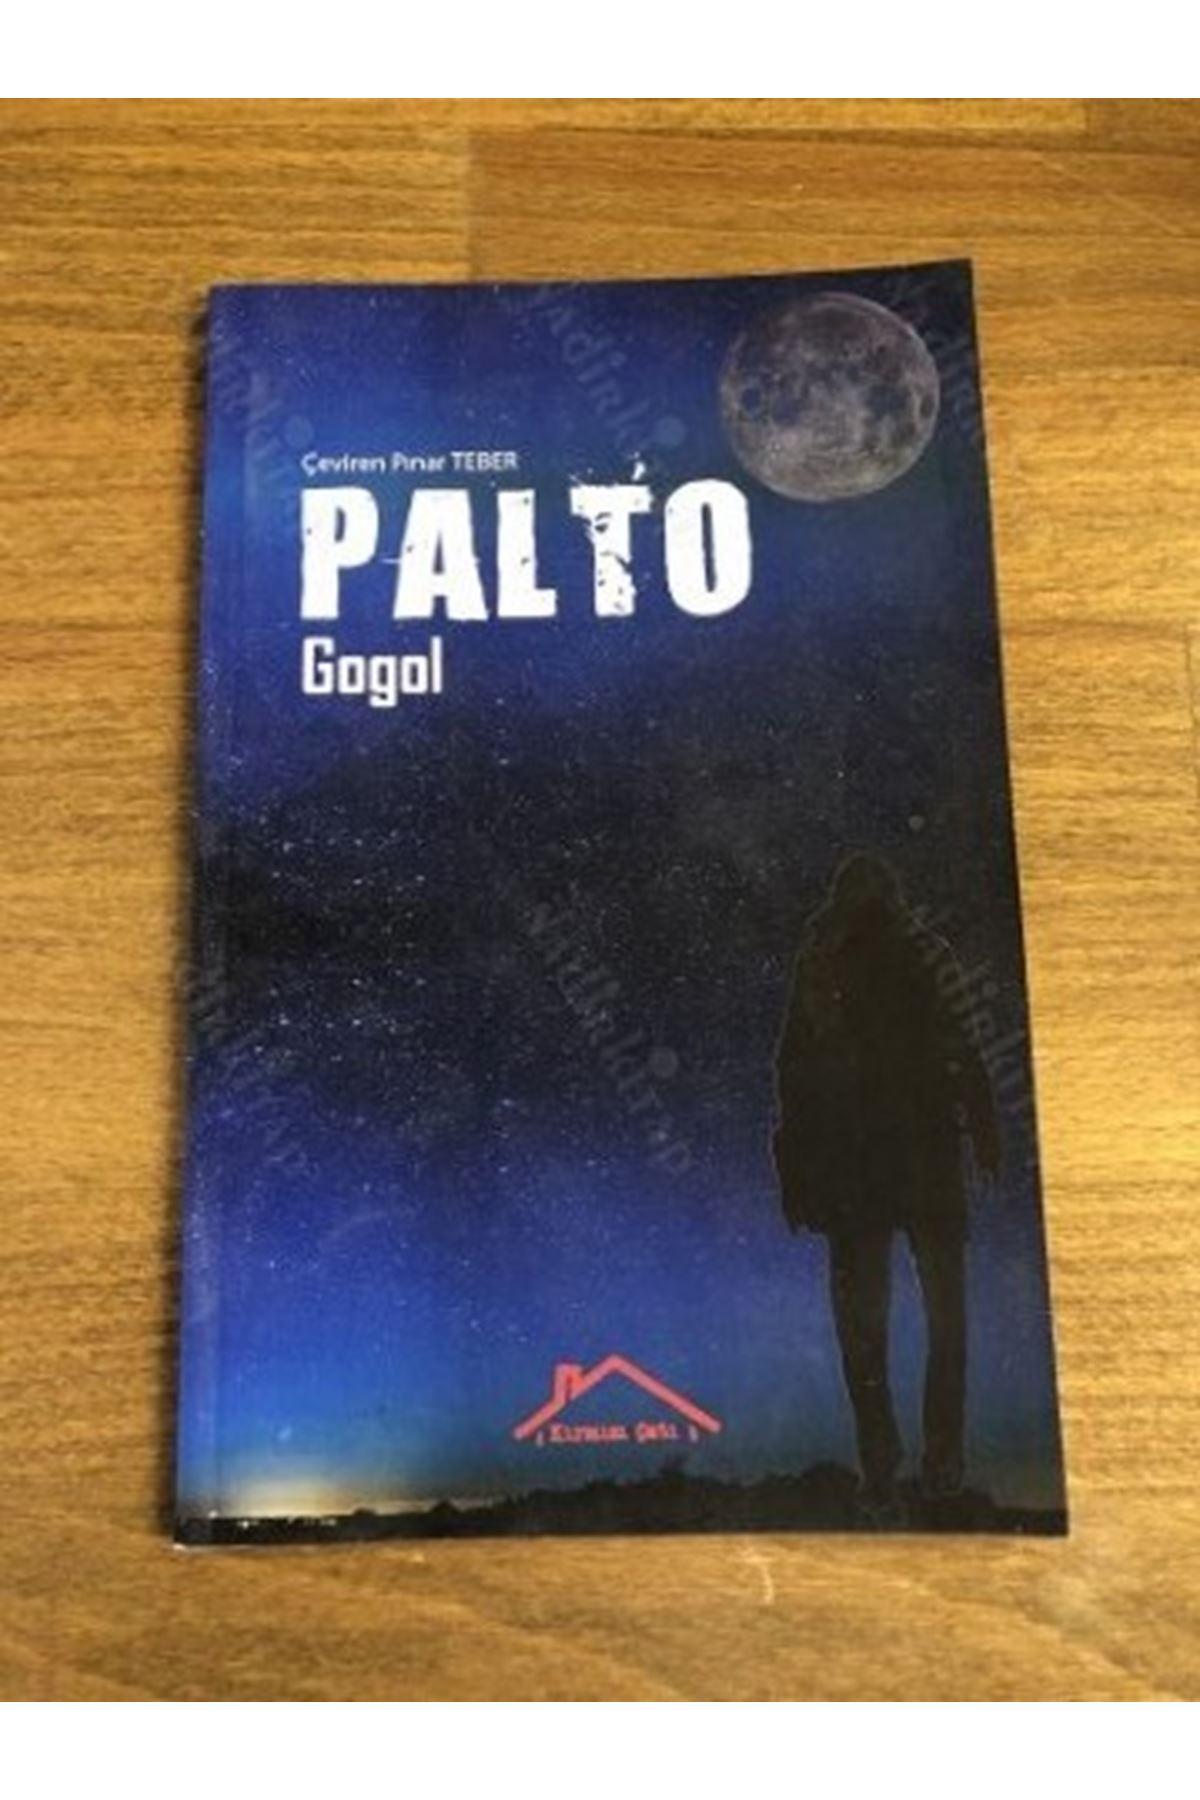 PINAR TEBER - PALTO GOGOL